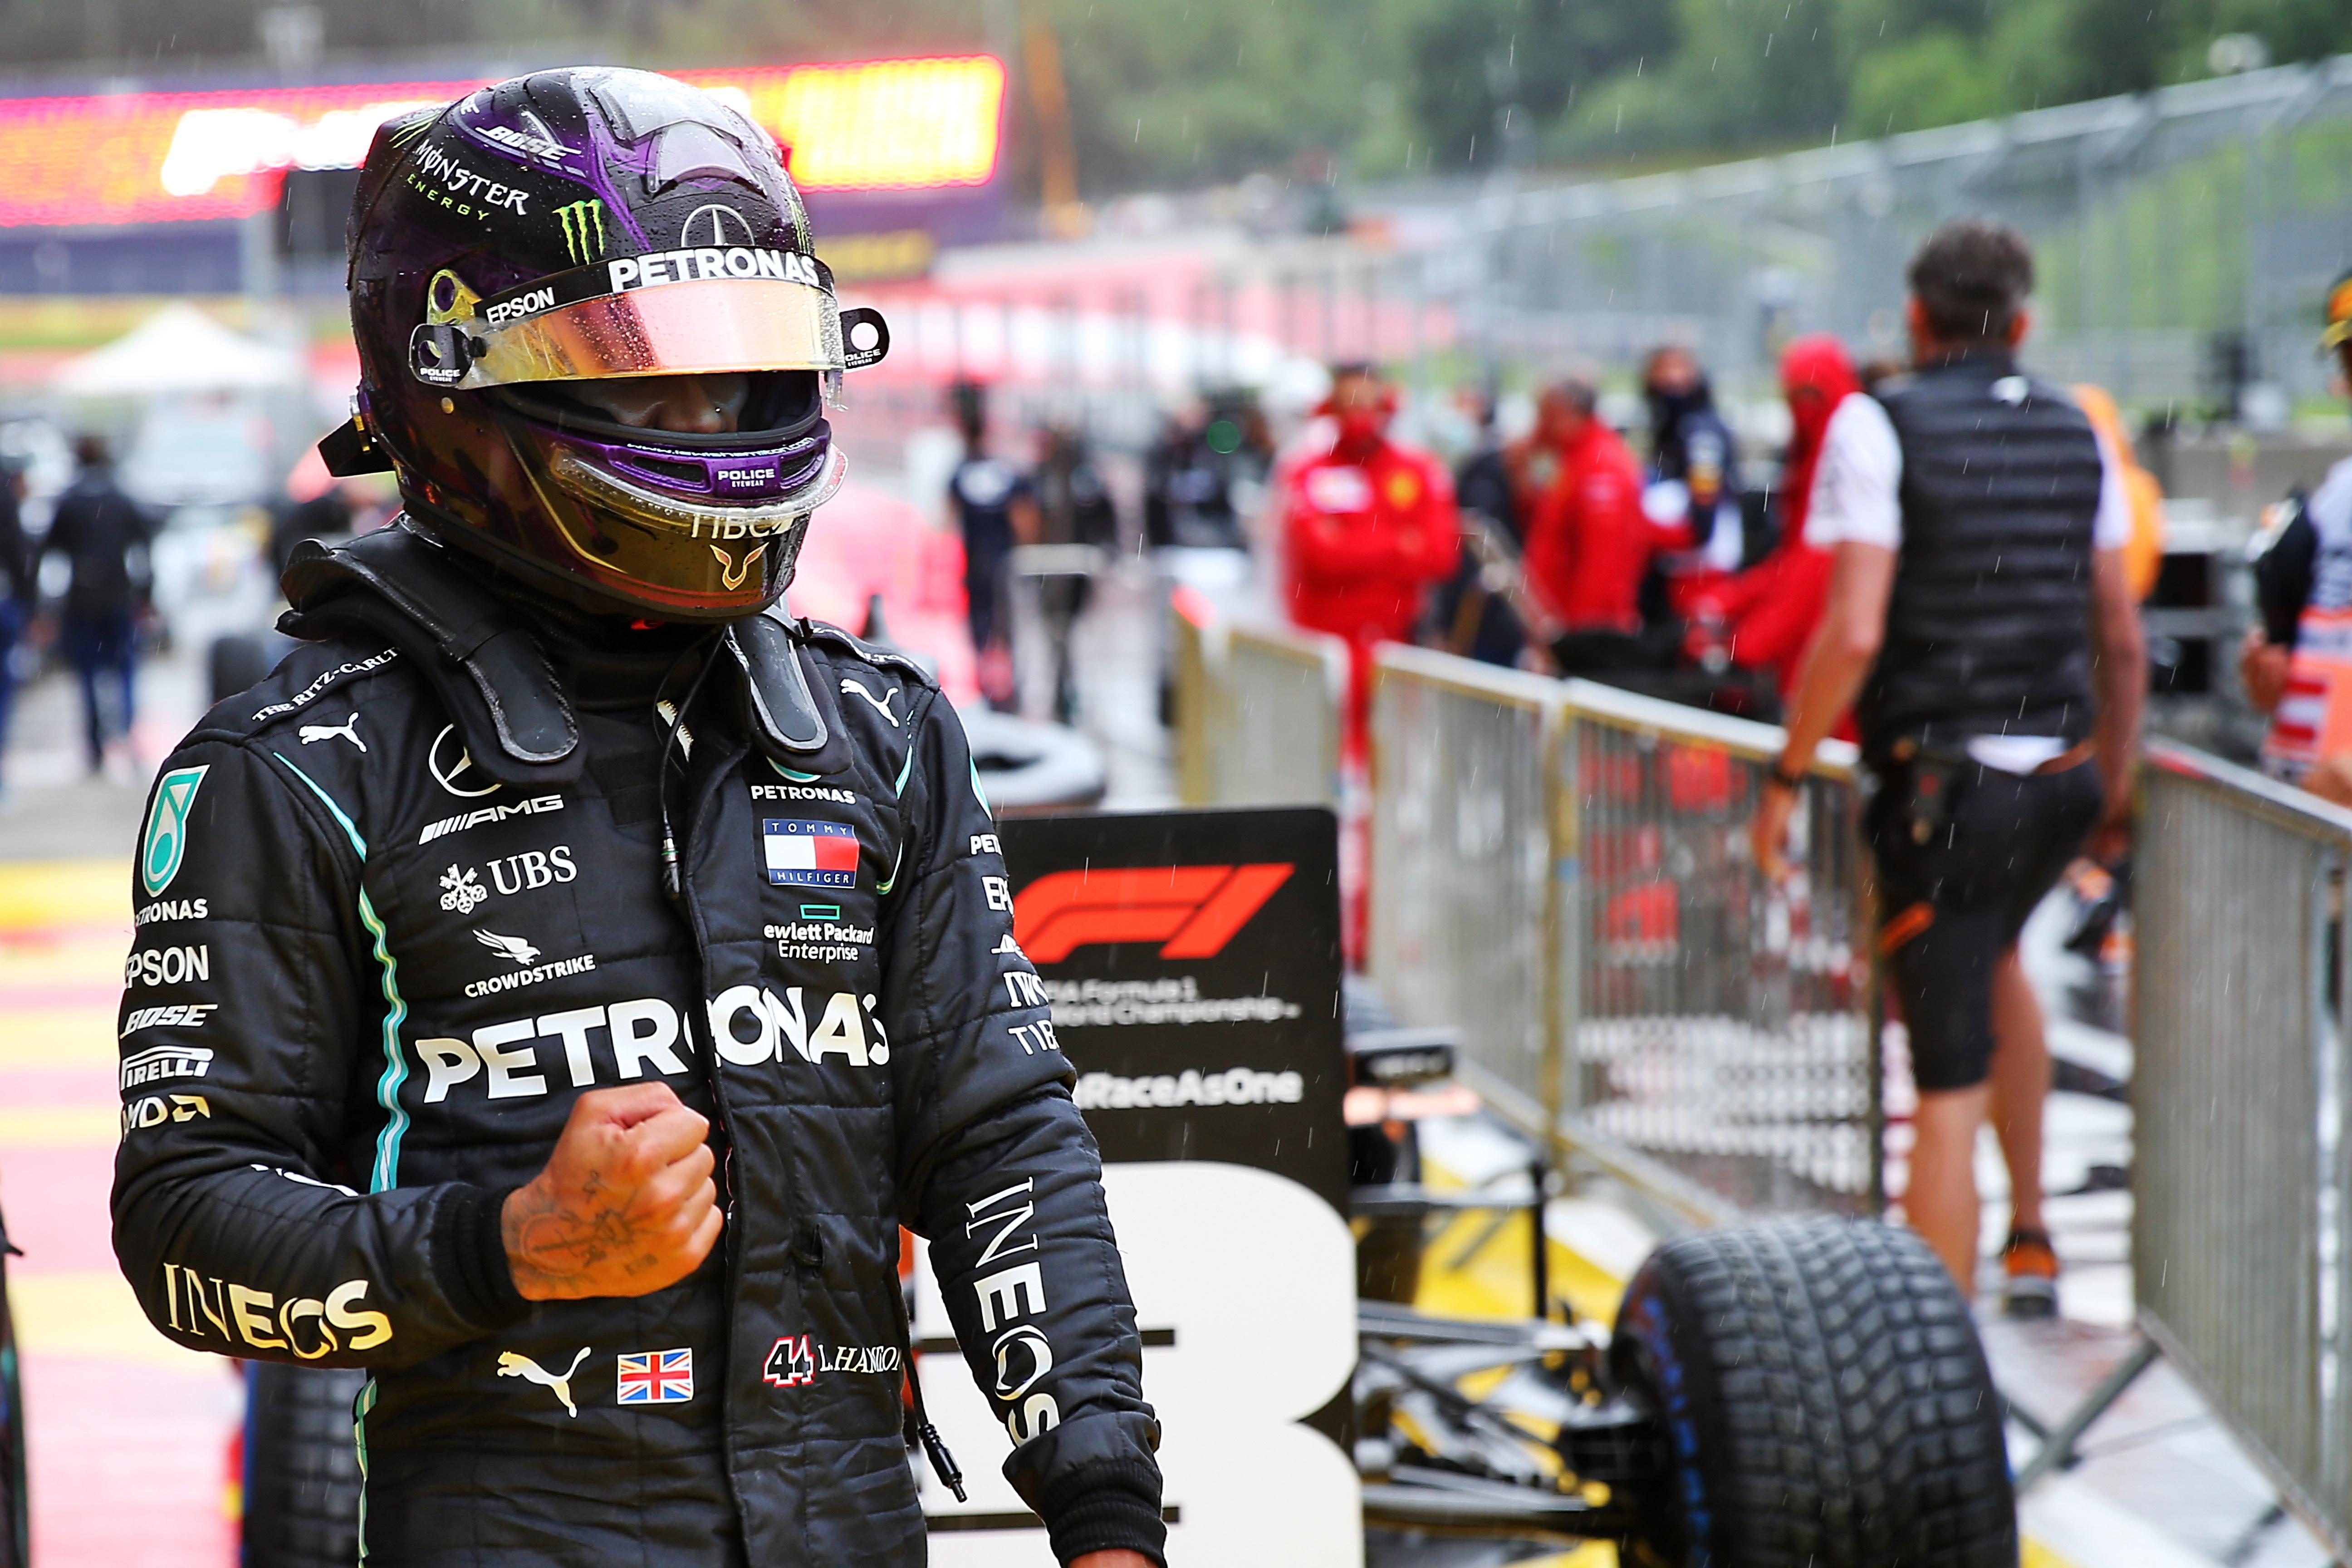 Lewis Hamilton takes Styrian Grand Prix pole 2020